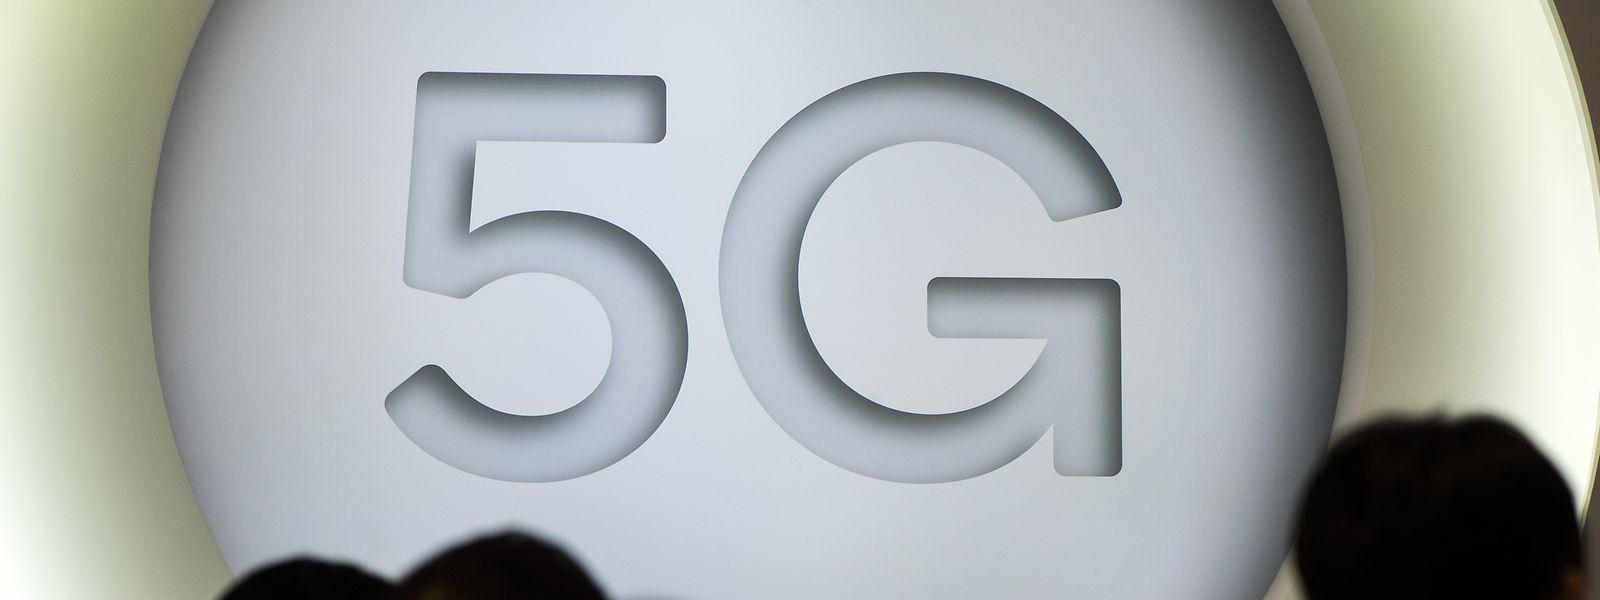 Die Datenübertragungsrate der neuen 5G-Technologie ist um ein Vielfaches höher als bei dem derzeit eingesetzten Mobilfunknetz der vierten Generation 4G.